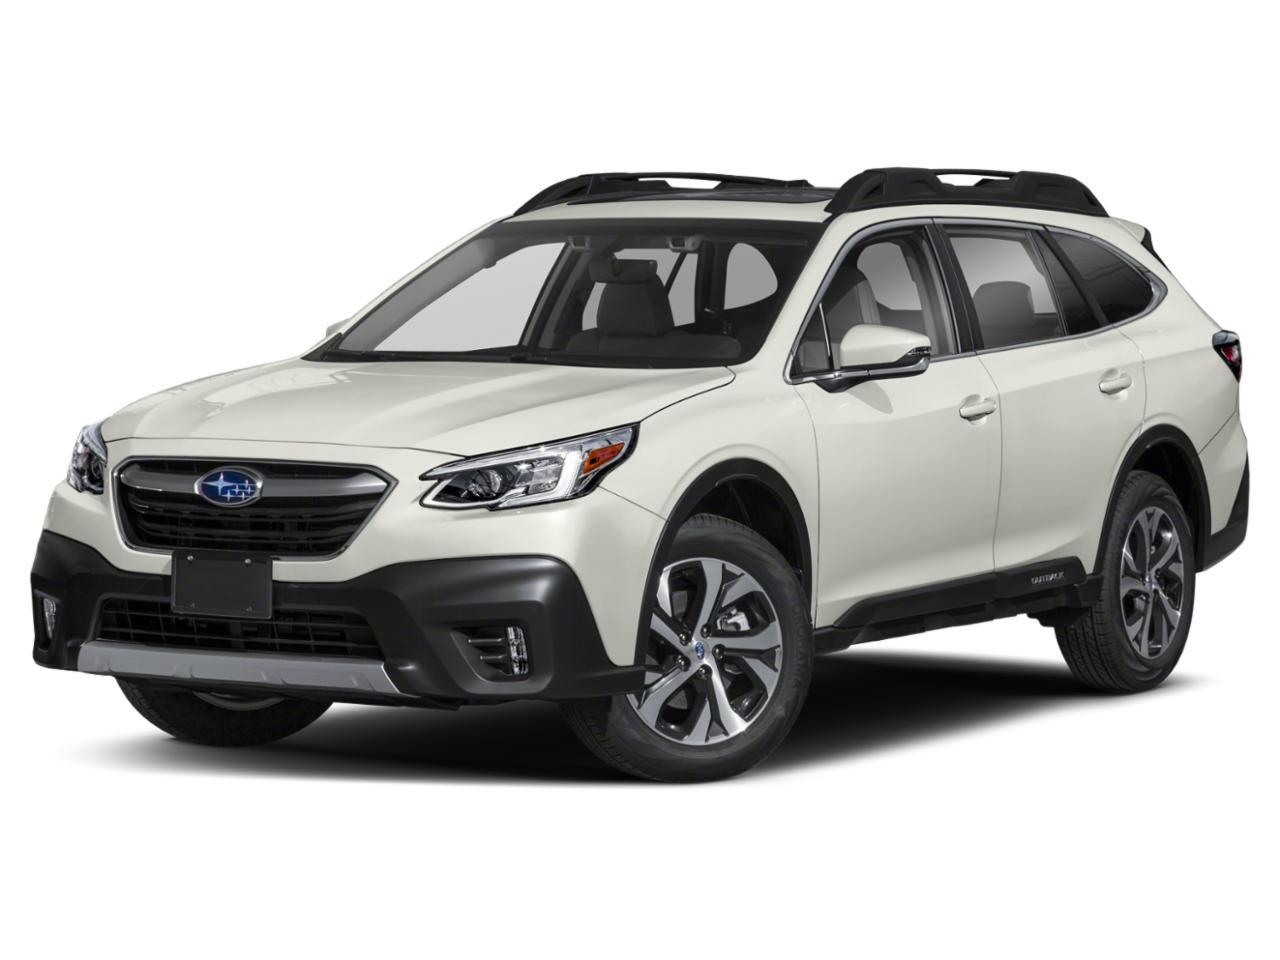 2021 Subaru Outback Vehicle Photo in Oshkosh, WI 54904